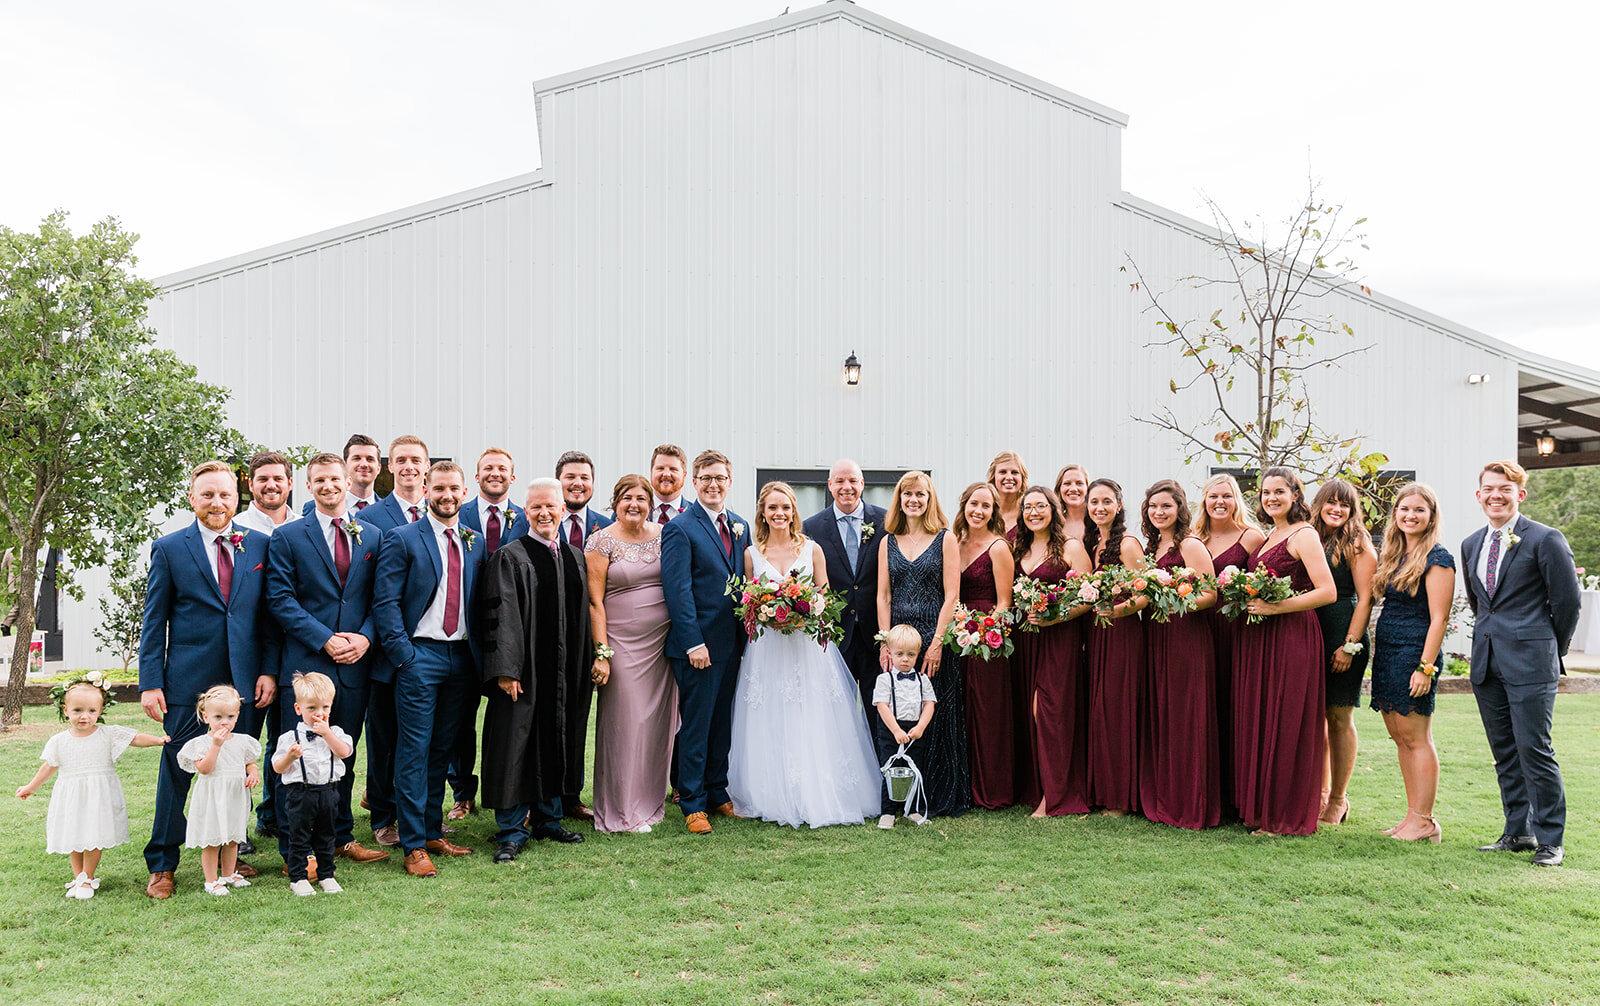 Tulsa Oklahoma Wedding Venues 70.jpg